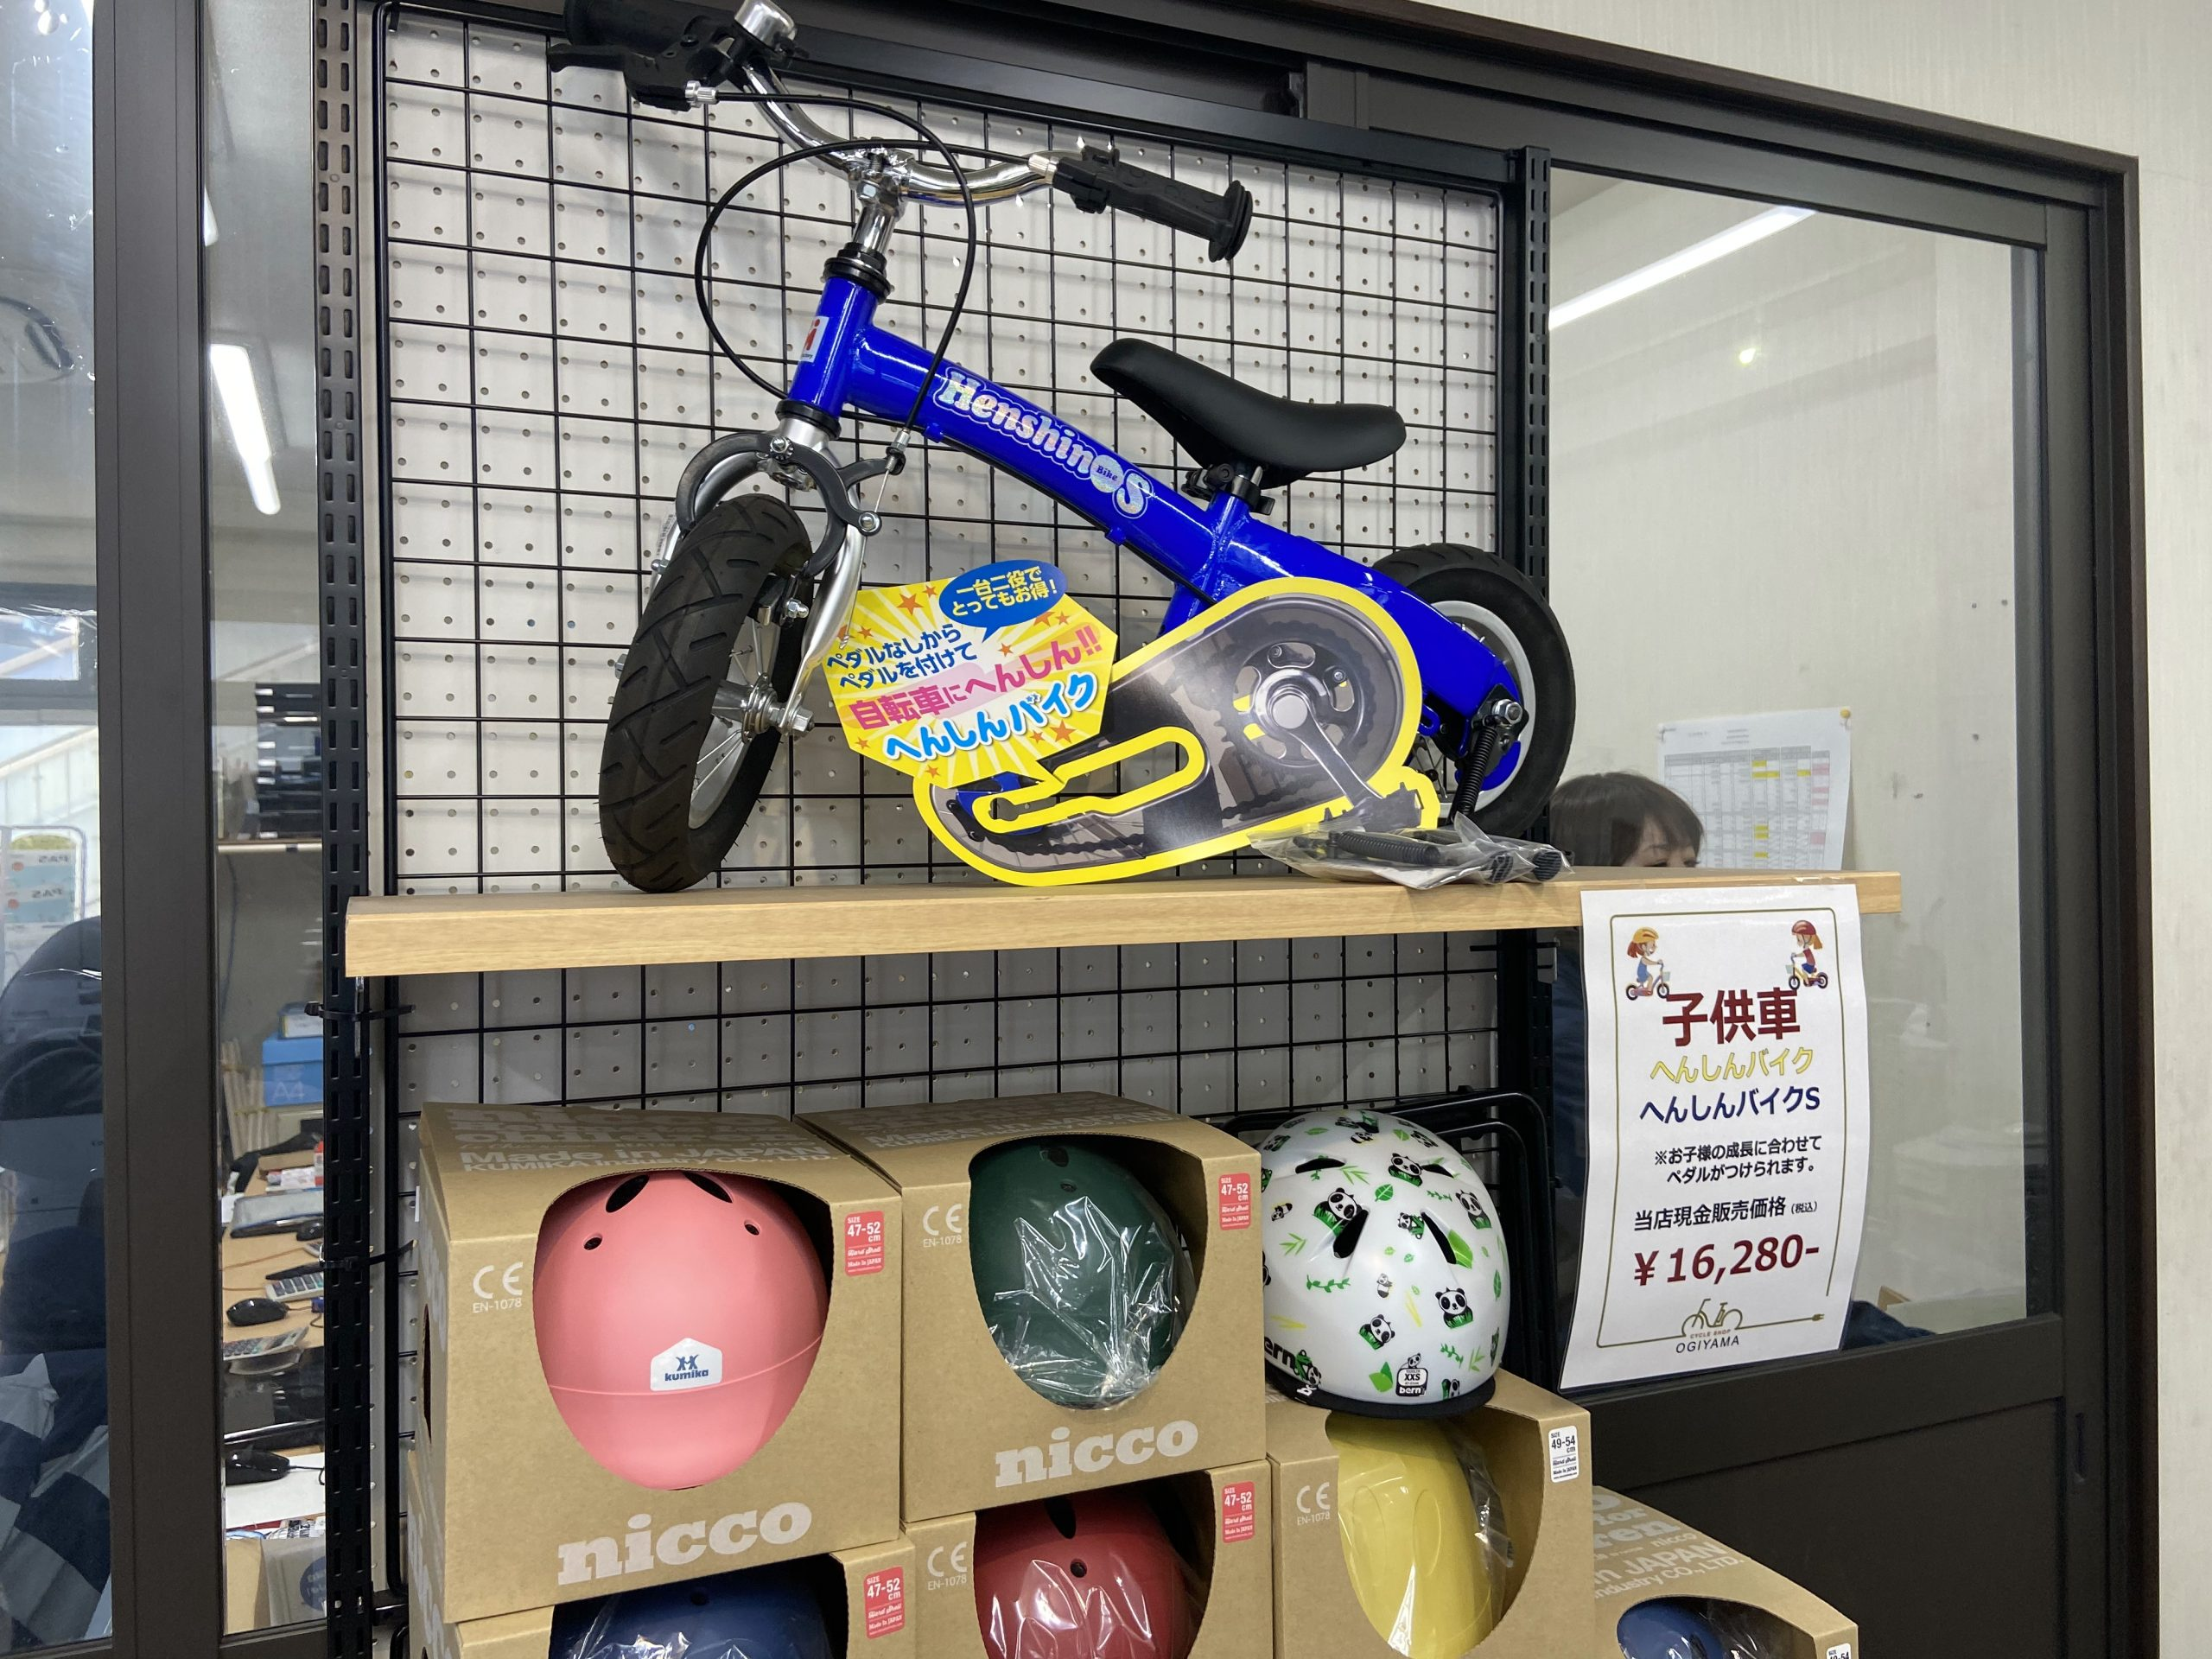 サイクルショップオギヤマ馬込銀座店 幼児向け自転車